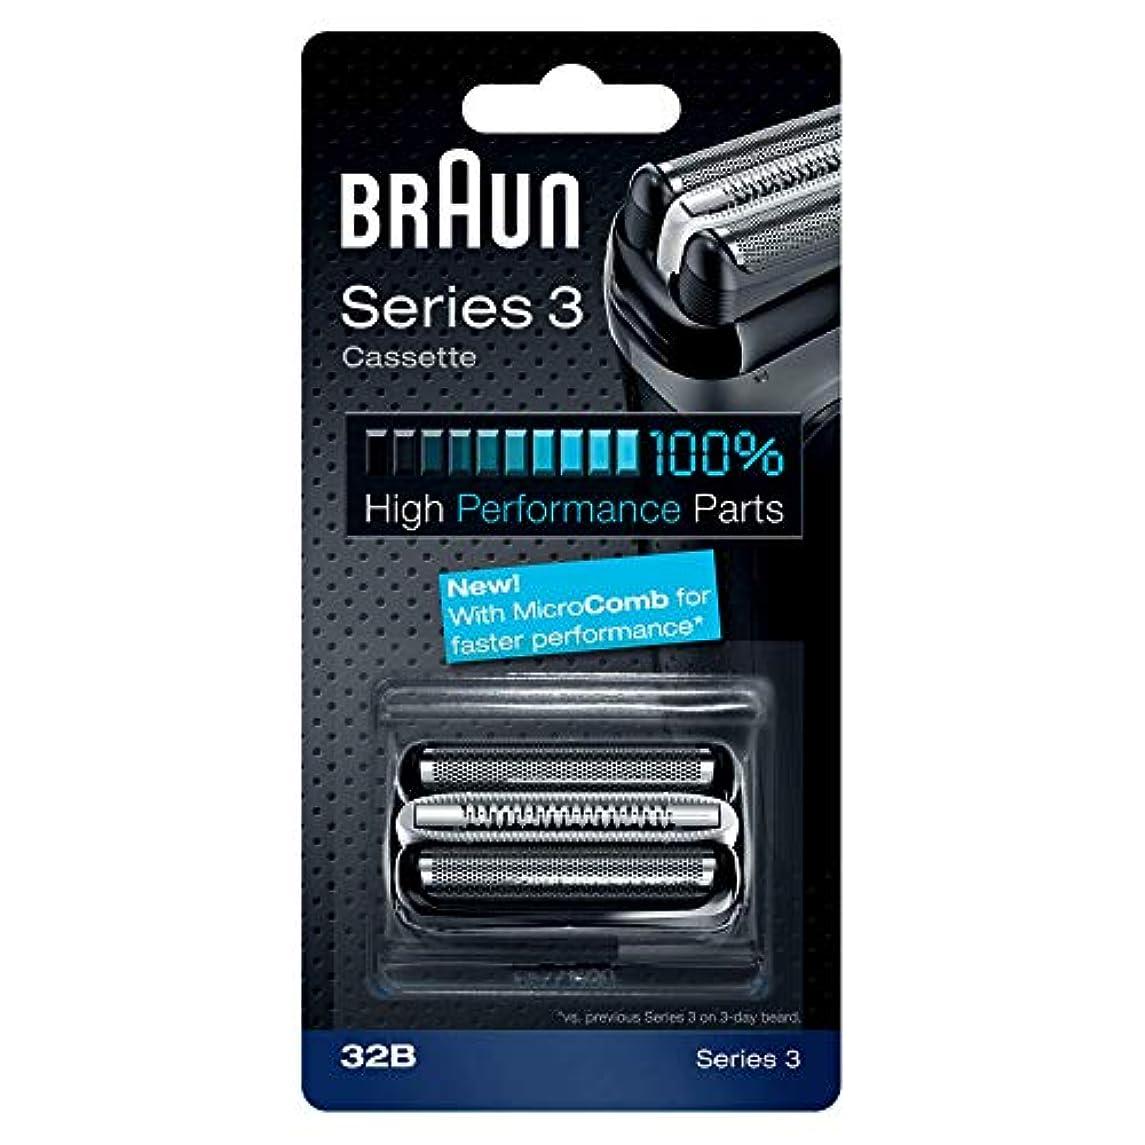 消費するに向けて出発キャビンBRAUN 32B Series 3 Shaver Cassette MicroComb交換ヘッドをフォイルカッター& [並行輸入品]